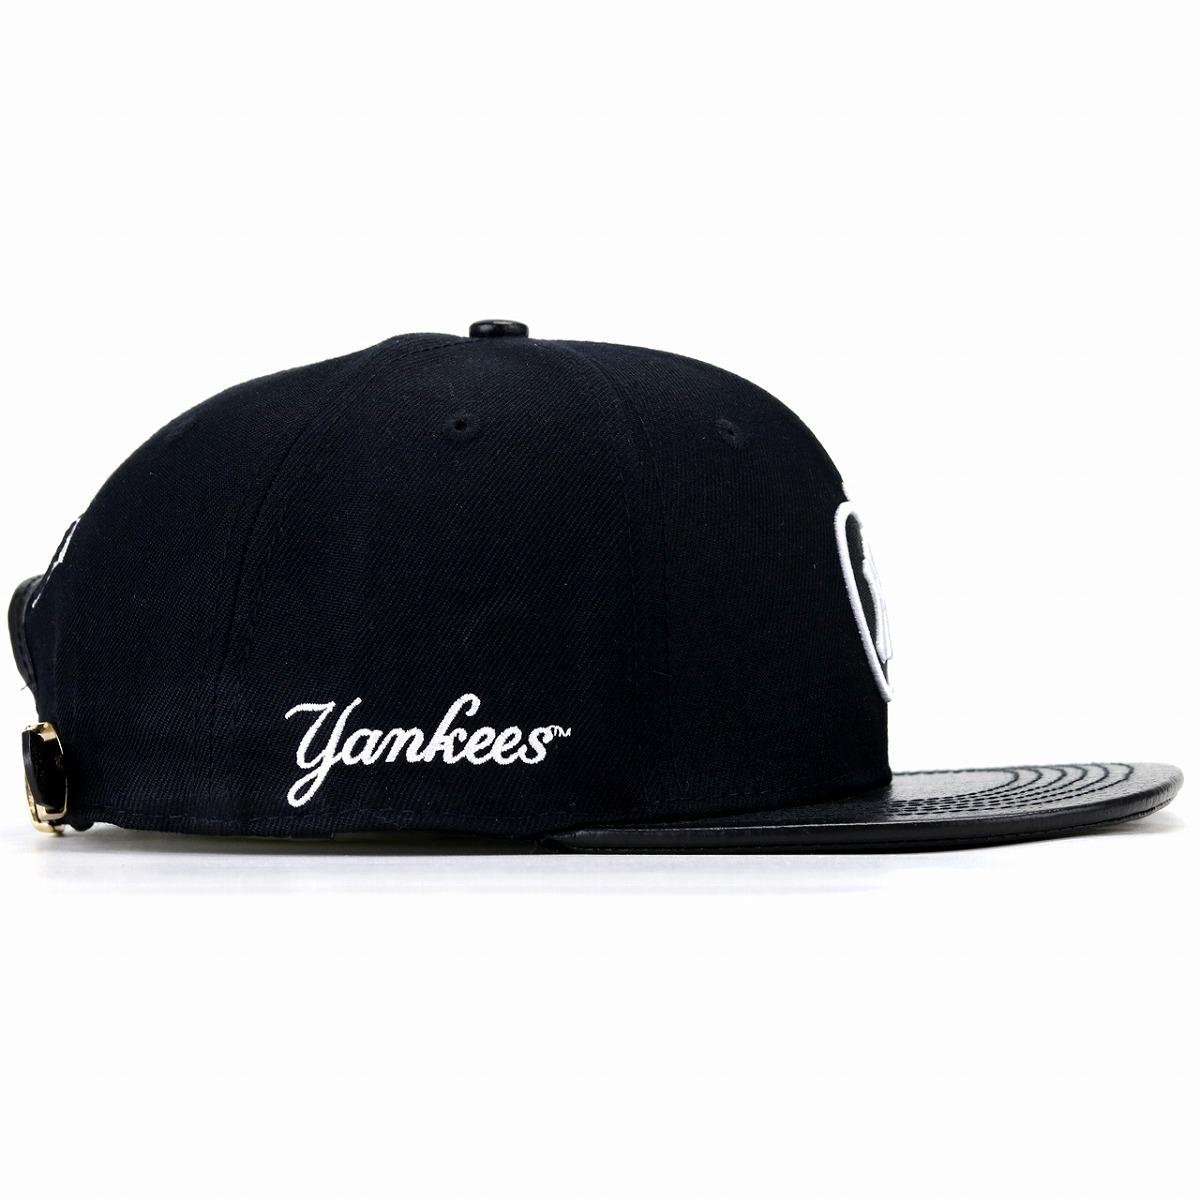 ae9c17e5 New York Yankees black big apple cap professional standard men gap Dis hat  MLB NewYorkYankees Pro Standard black / black [baseball cap]